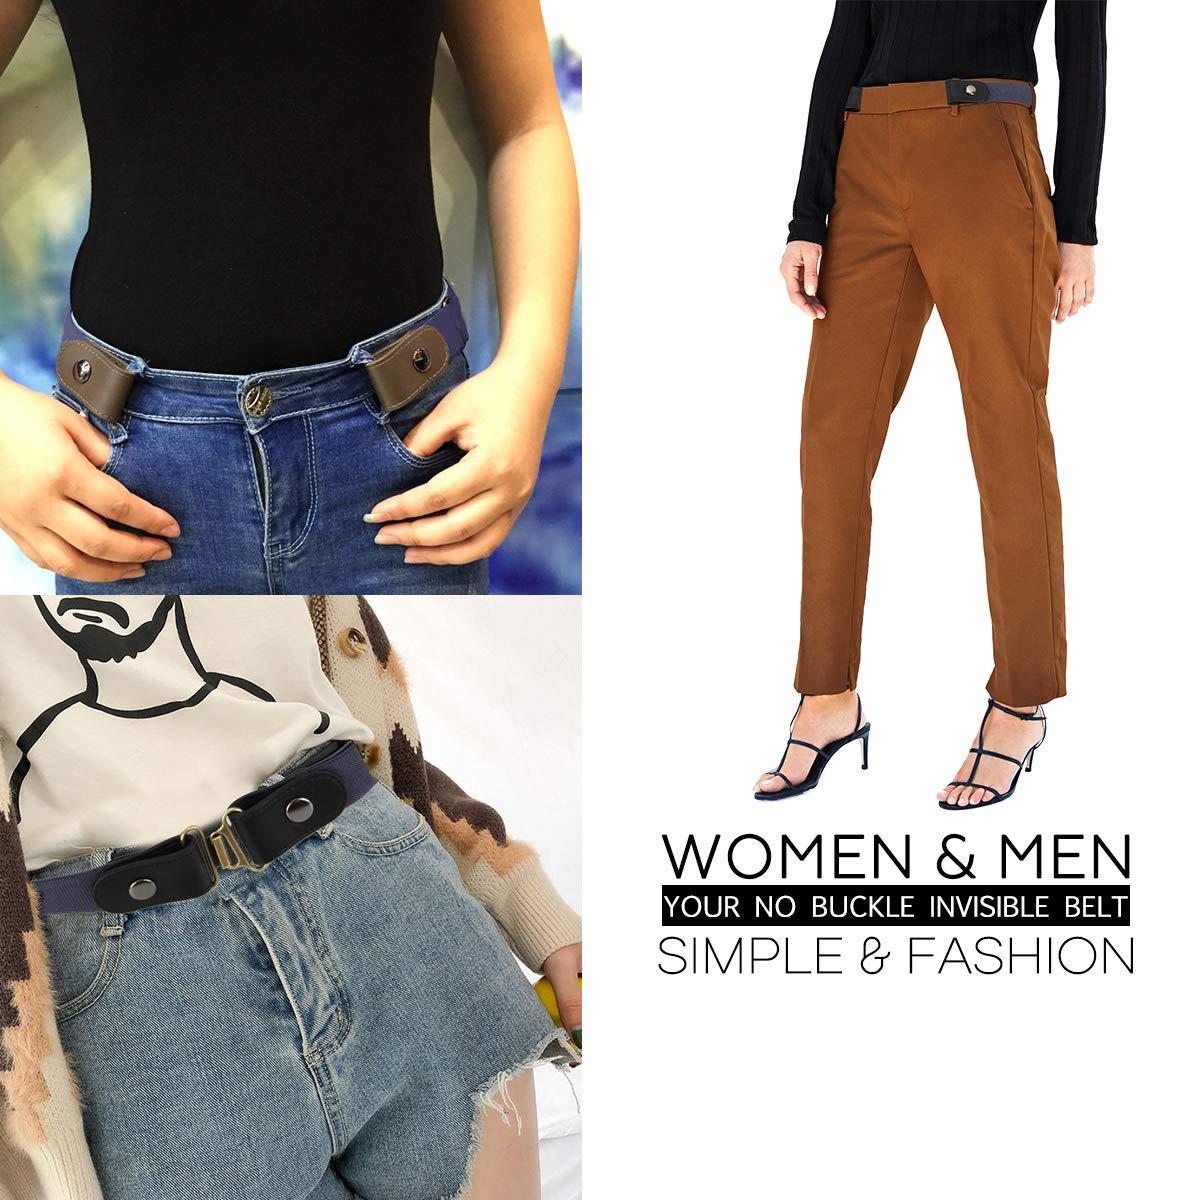 Lalafancy Cinturón sin hebilla de los hombres de las mujeres Cómodo No Hebilla Cinturones elásticos Pantalones vaqueros Cinturones invisibles ...